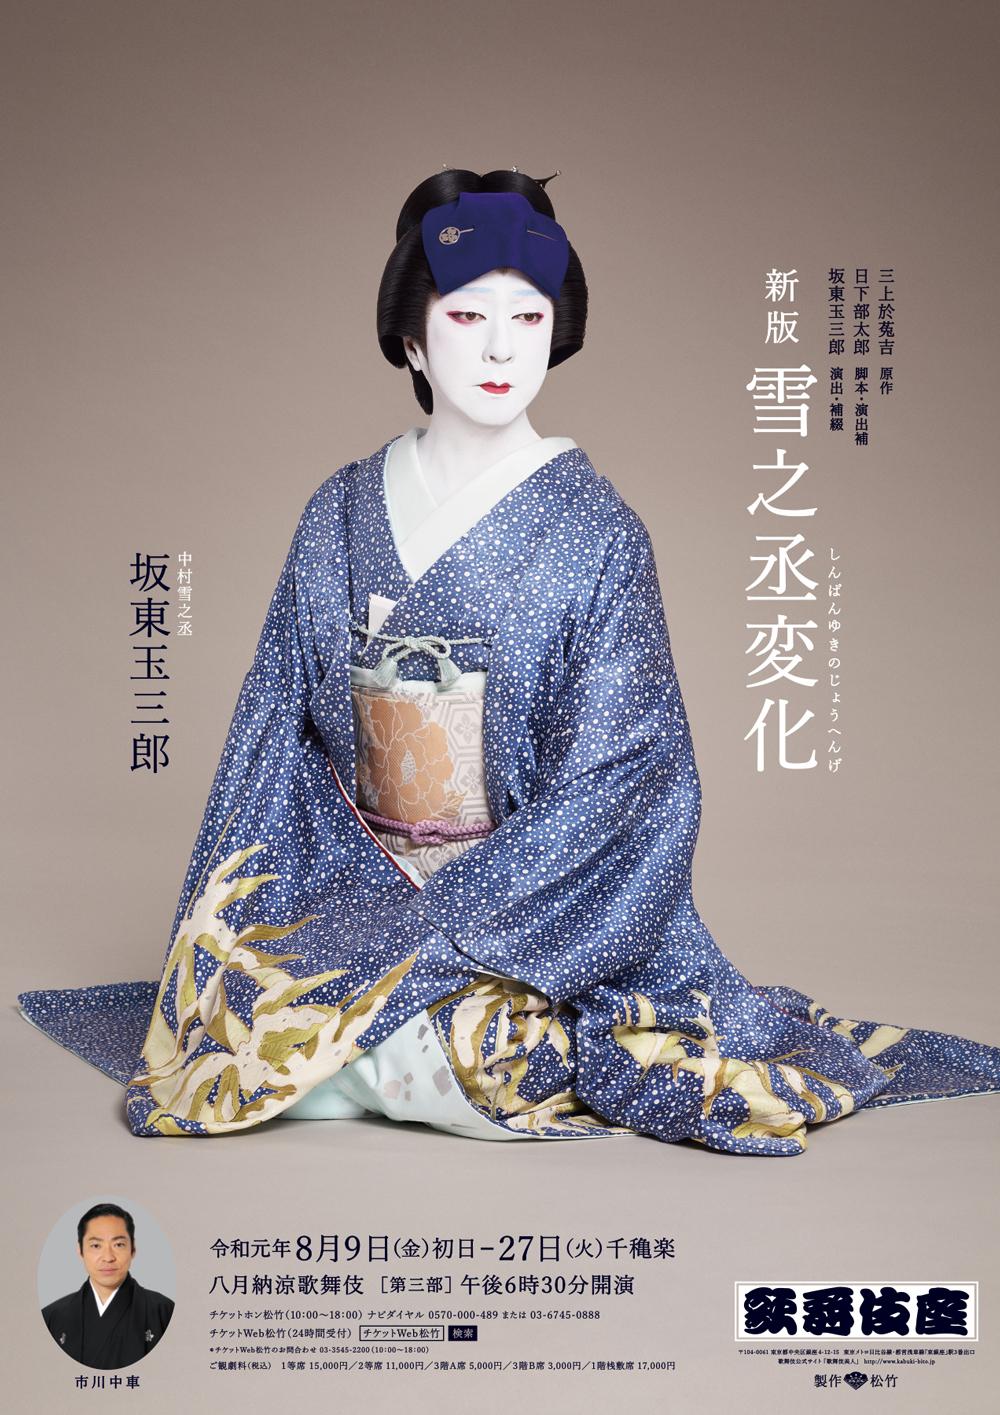 歌舞伎座「八月納涼歌舞伎」特別ポスター公開